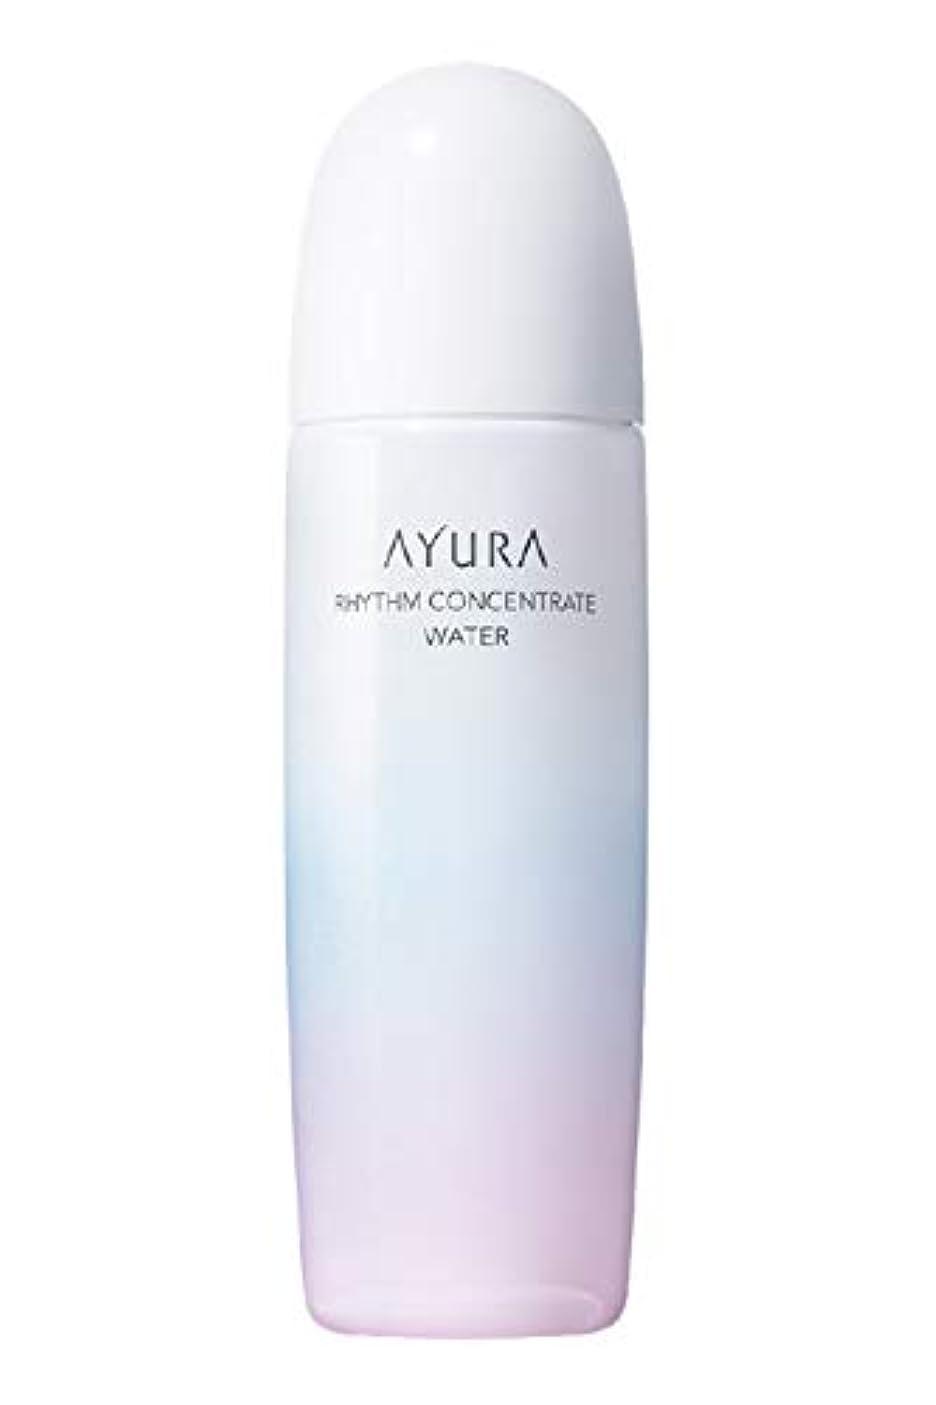 プロフェッショナルワンダー味わうアユーラ (AYURA) リズムコンセントレートウォーター 300mL < 化粧水 > パシャッとうるおう 肌に吸い込まれるような 浸透化粧水